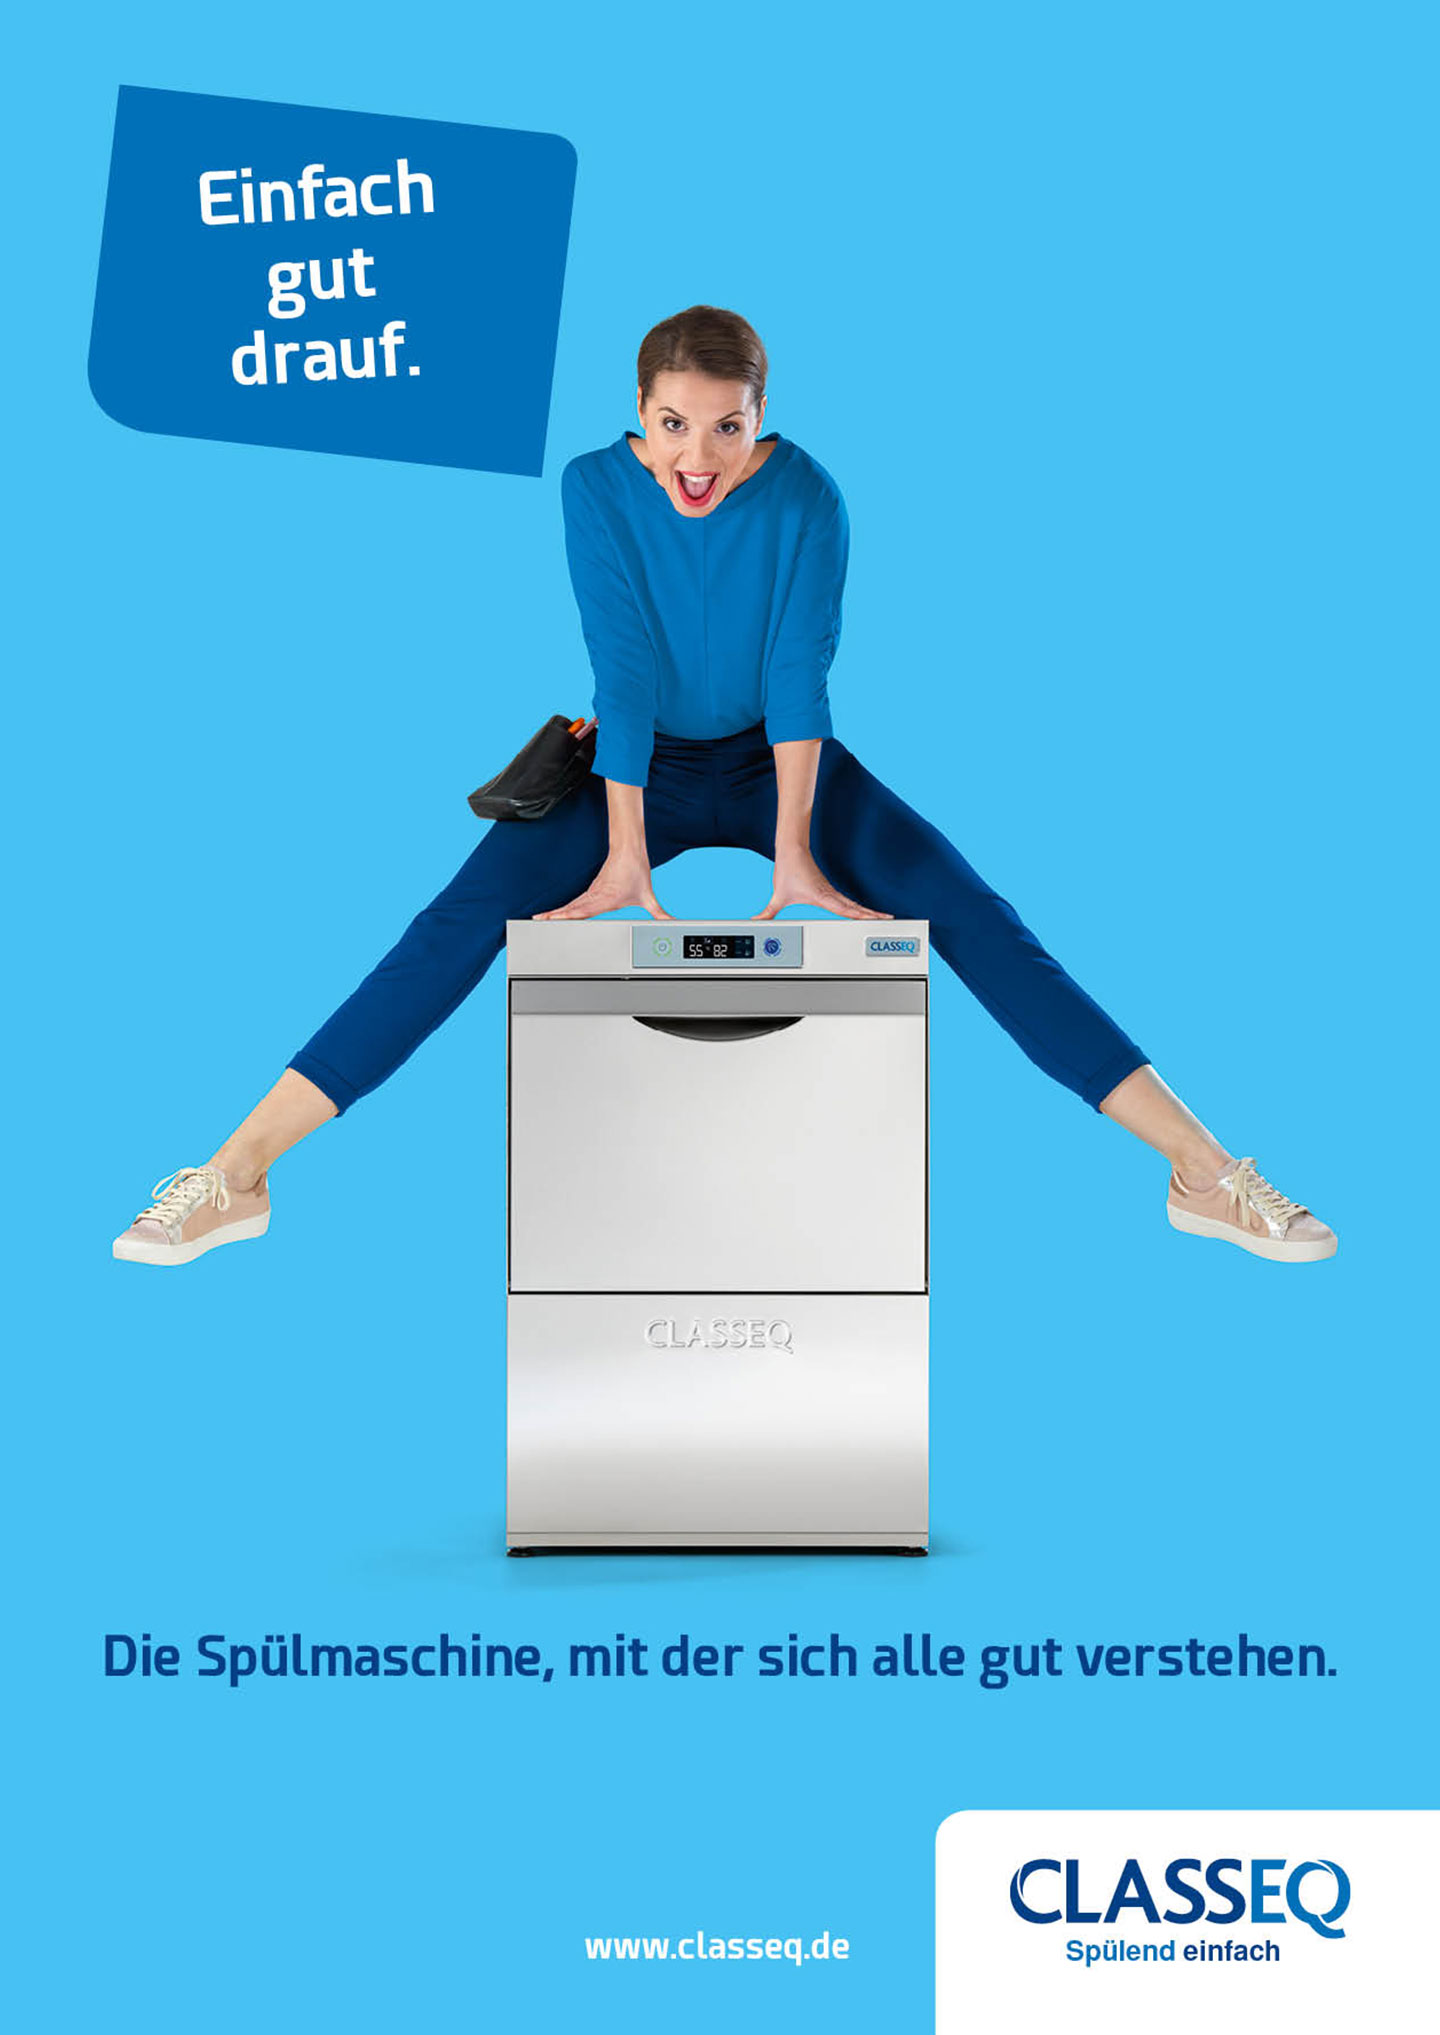 Langenstein Portfolio: Classeq Anzeige